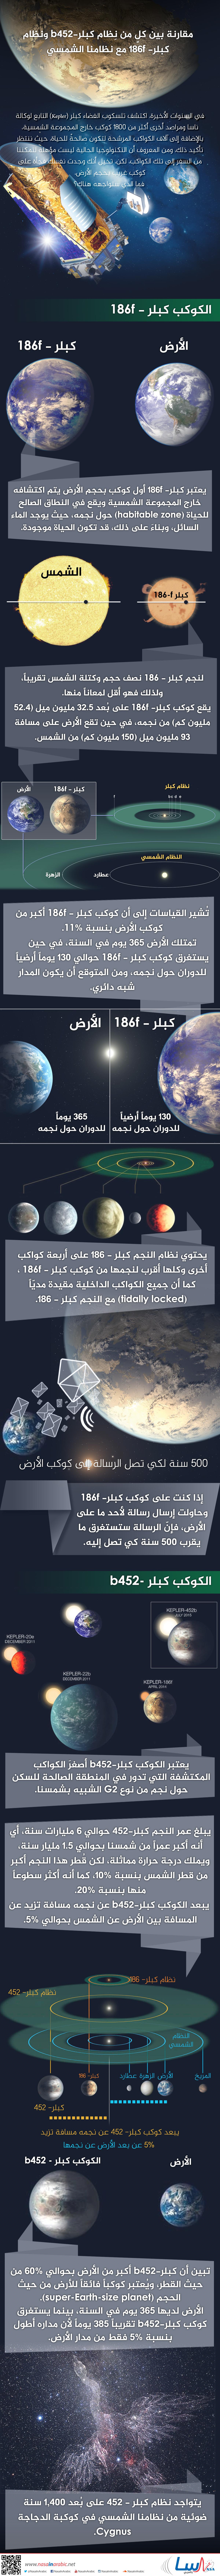 مقارنة بين كلٍ من نِظام كبلر-b452 ونظام كبلر-186f مع نظامنا الشمسي